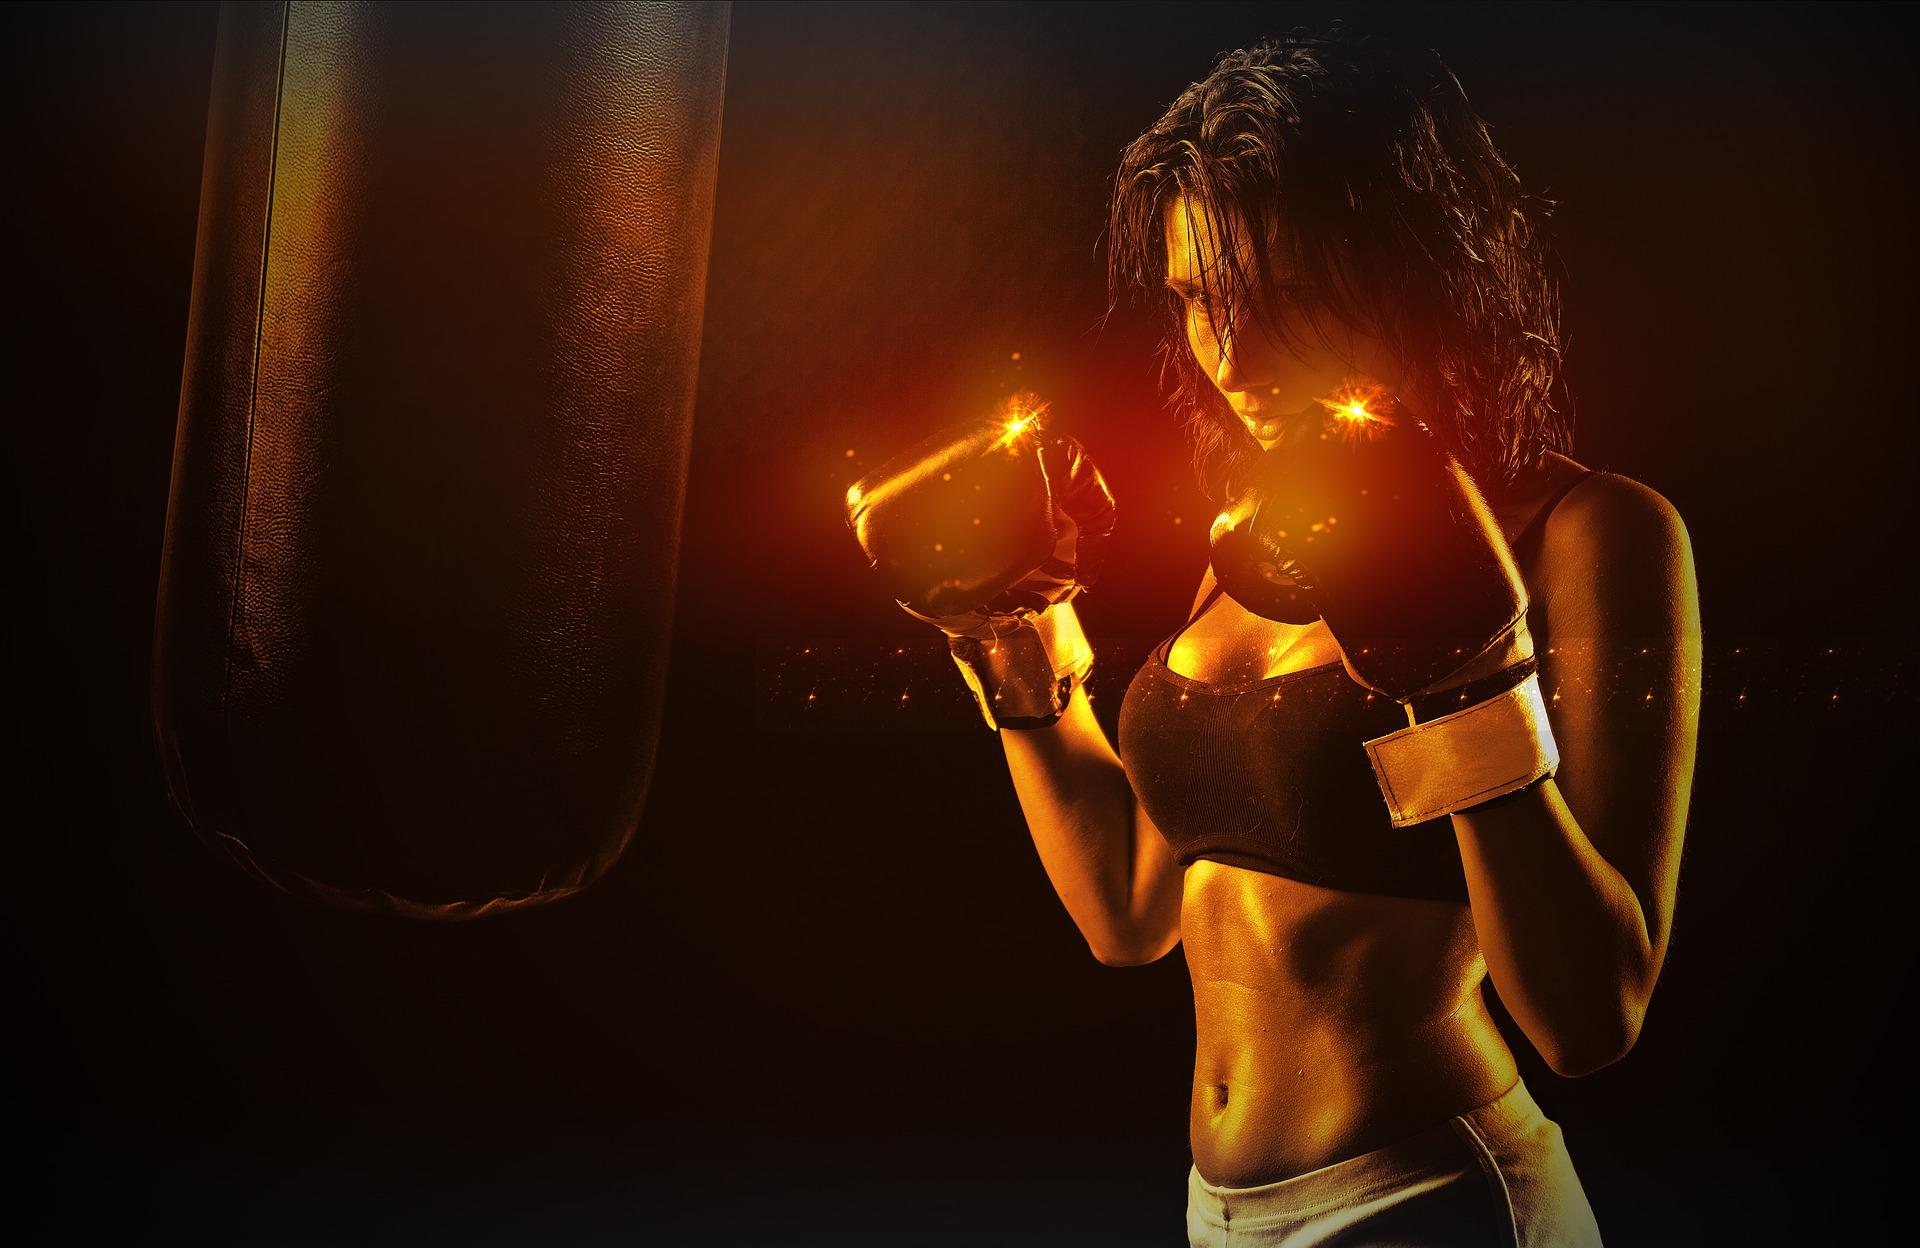 Cele mai puternice femei - sfatulparintilor.ro - pixabay_com - girl-3253532_1920